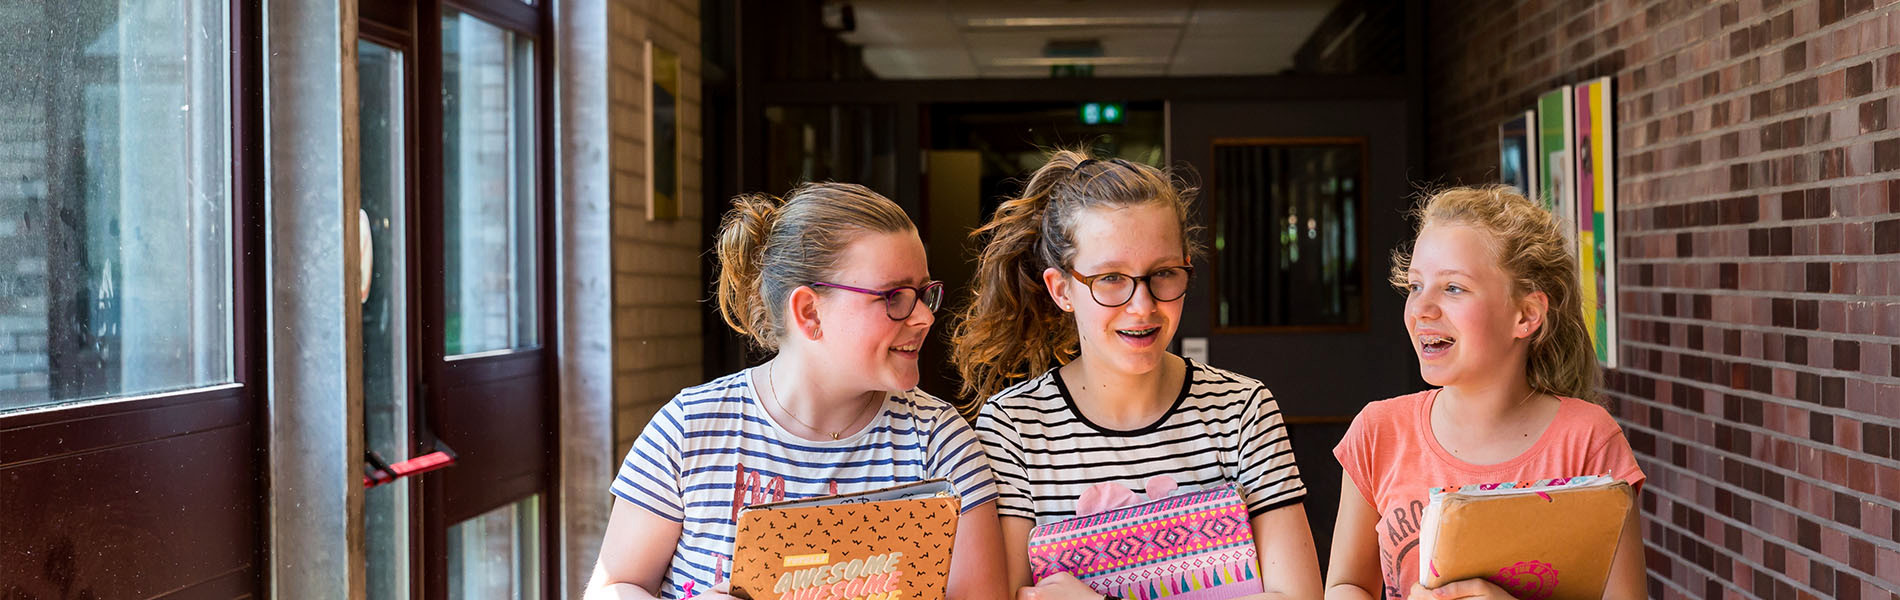 VMBO Nijkerk drie meisjes in de gang